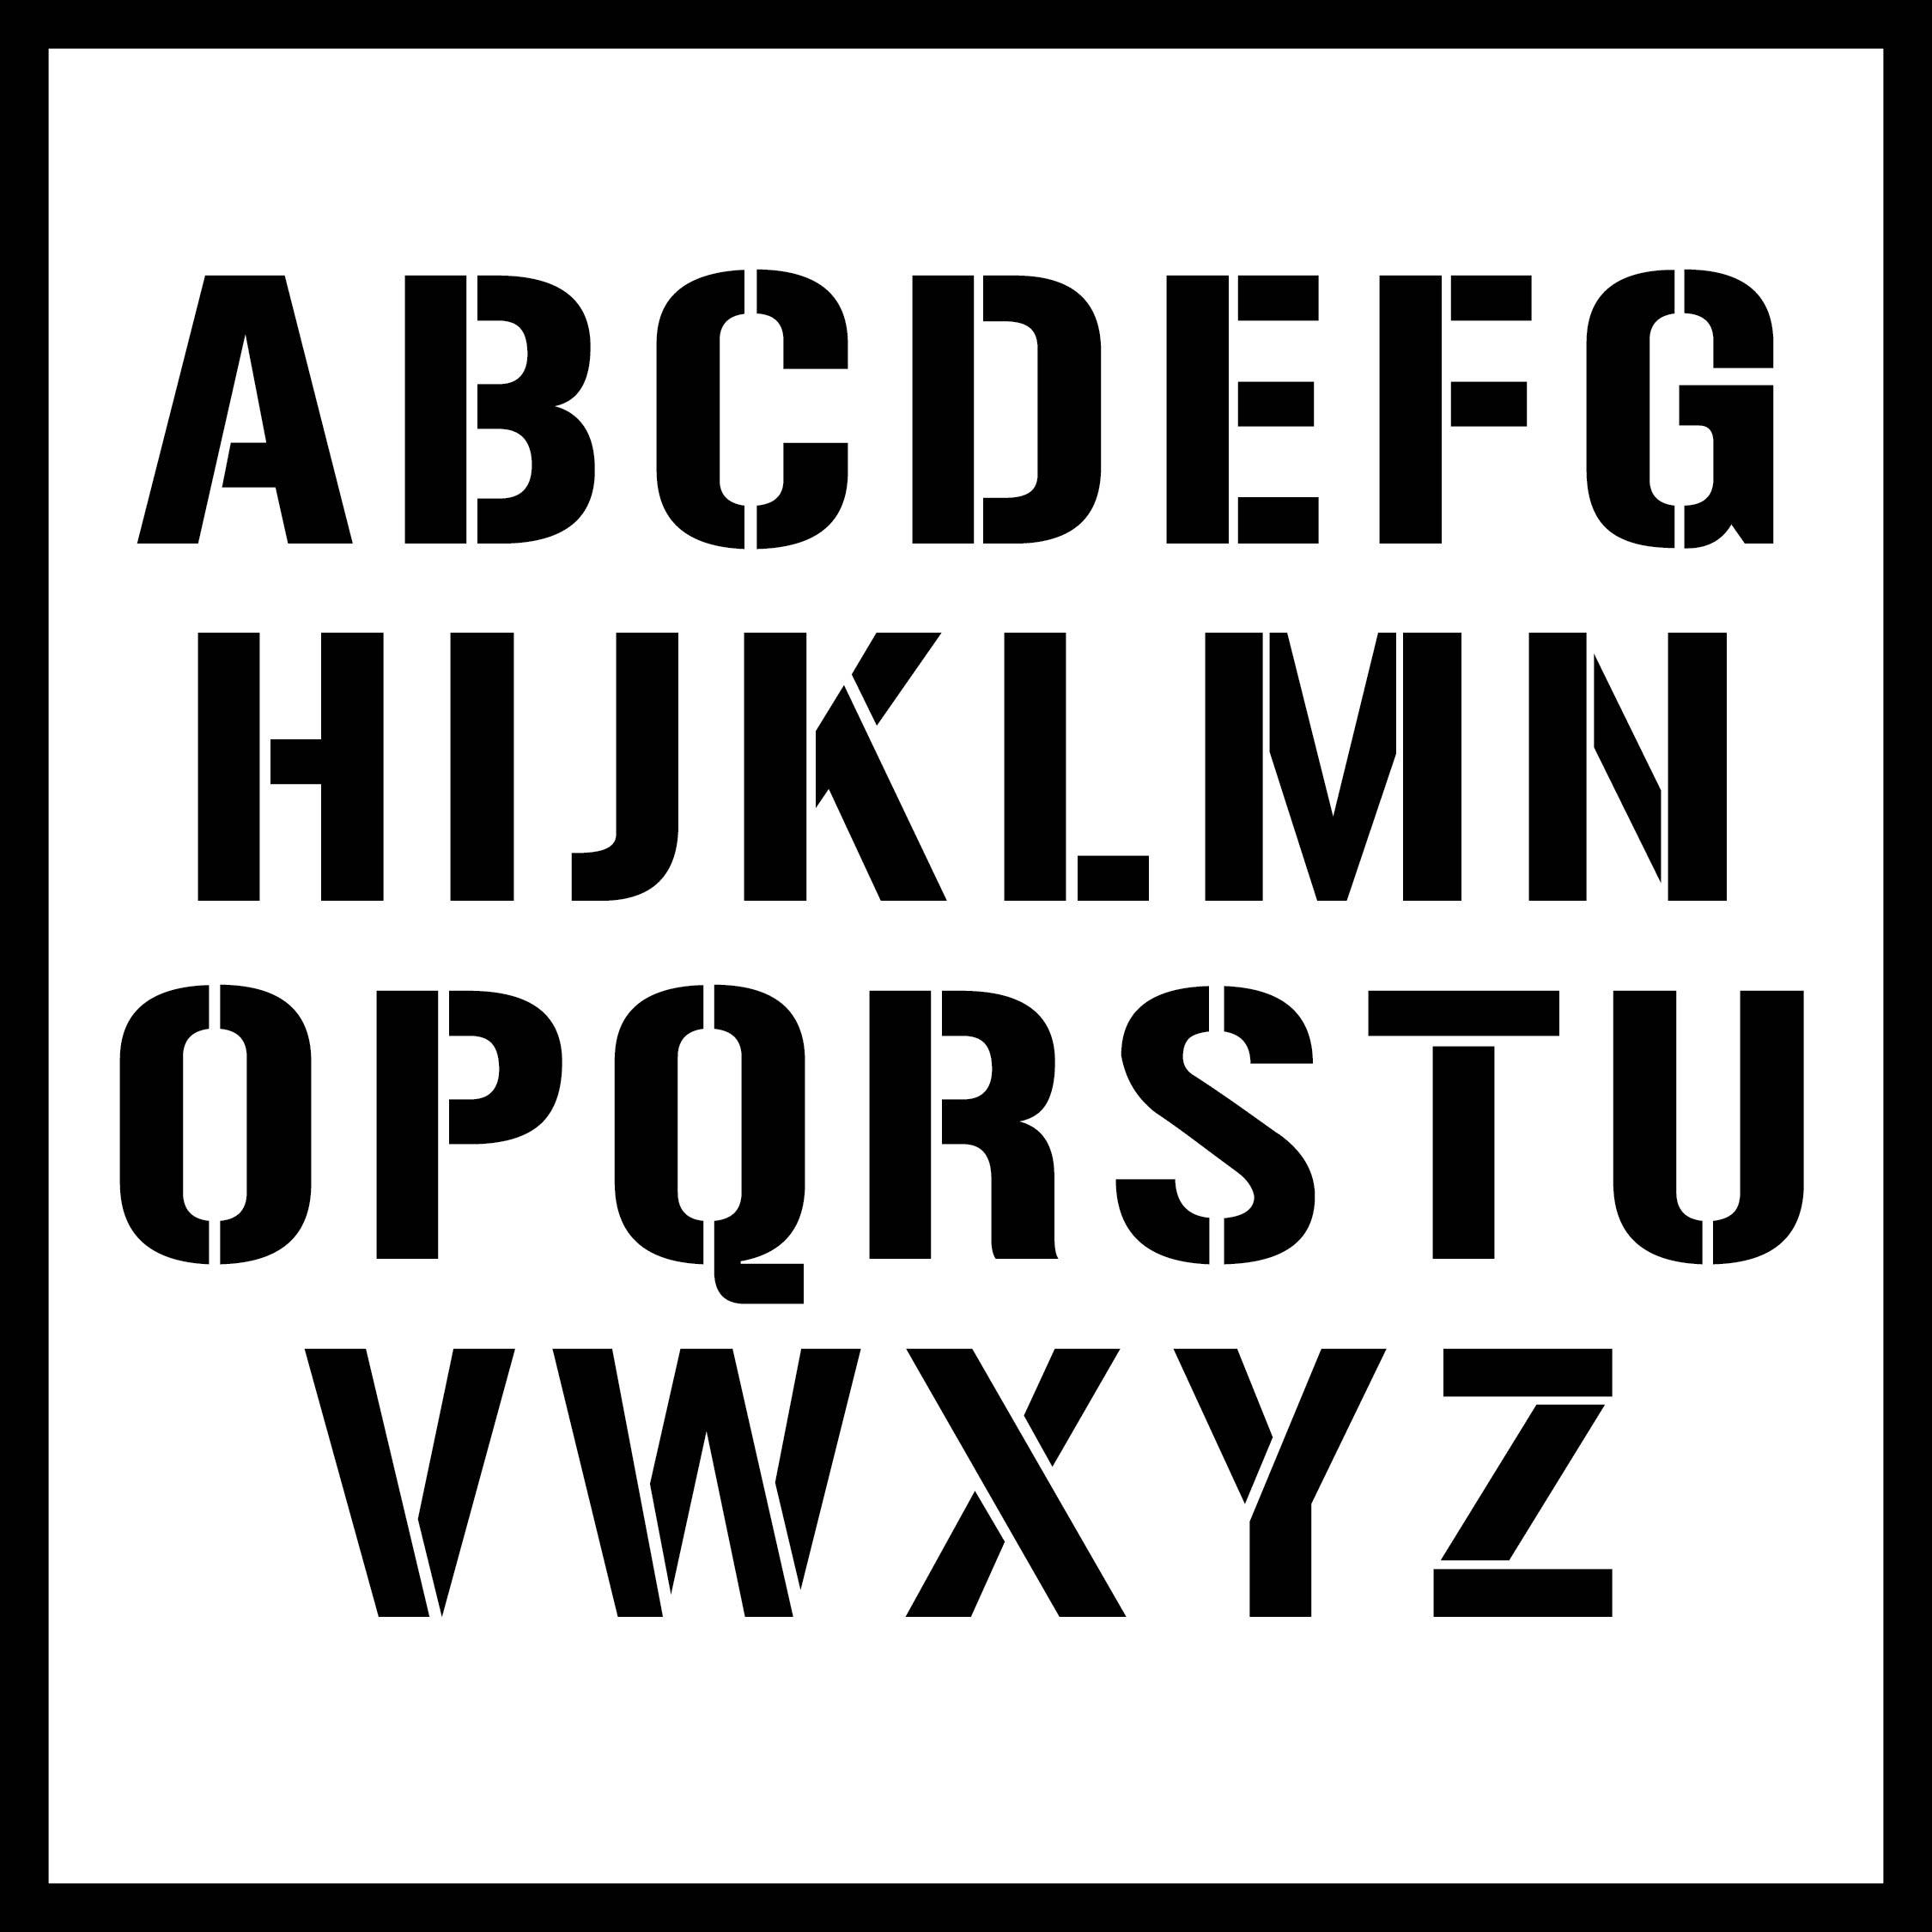 Large Size Alphabet Letter Printable Stencil